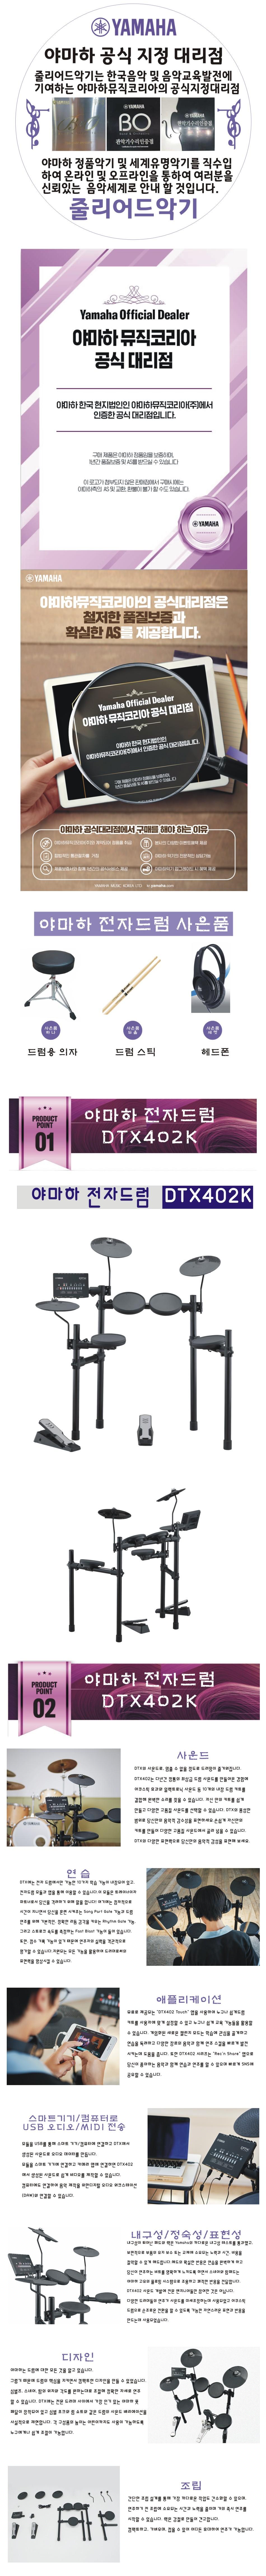 DTX402K%EC%84%A4%EB%AA%851.JPG